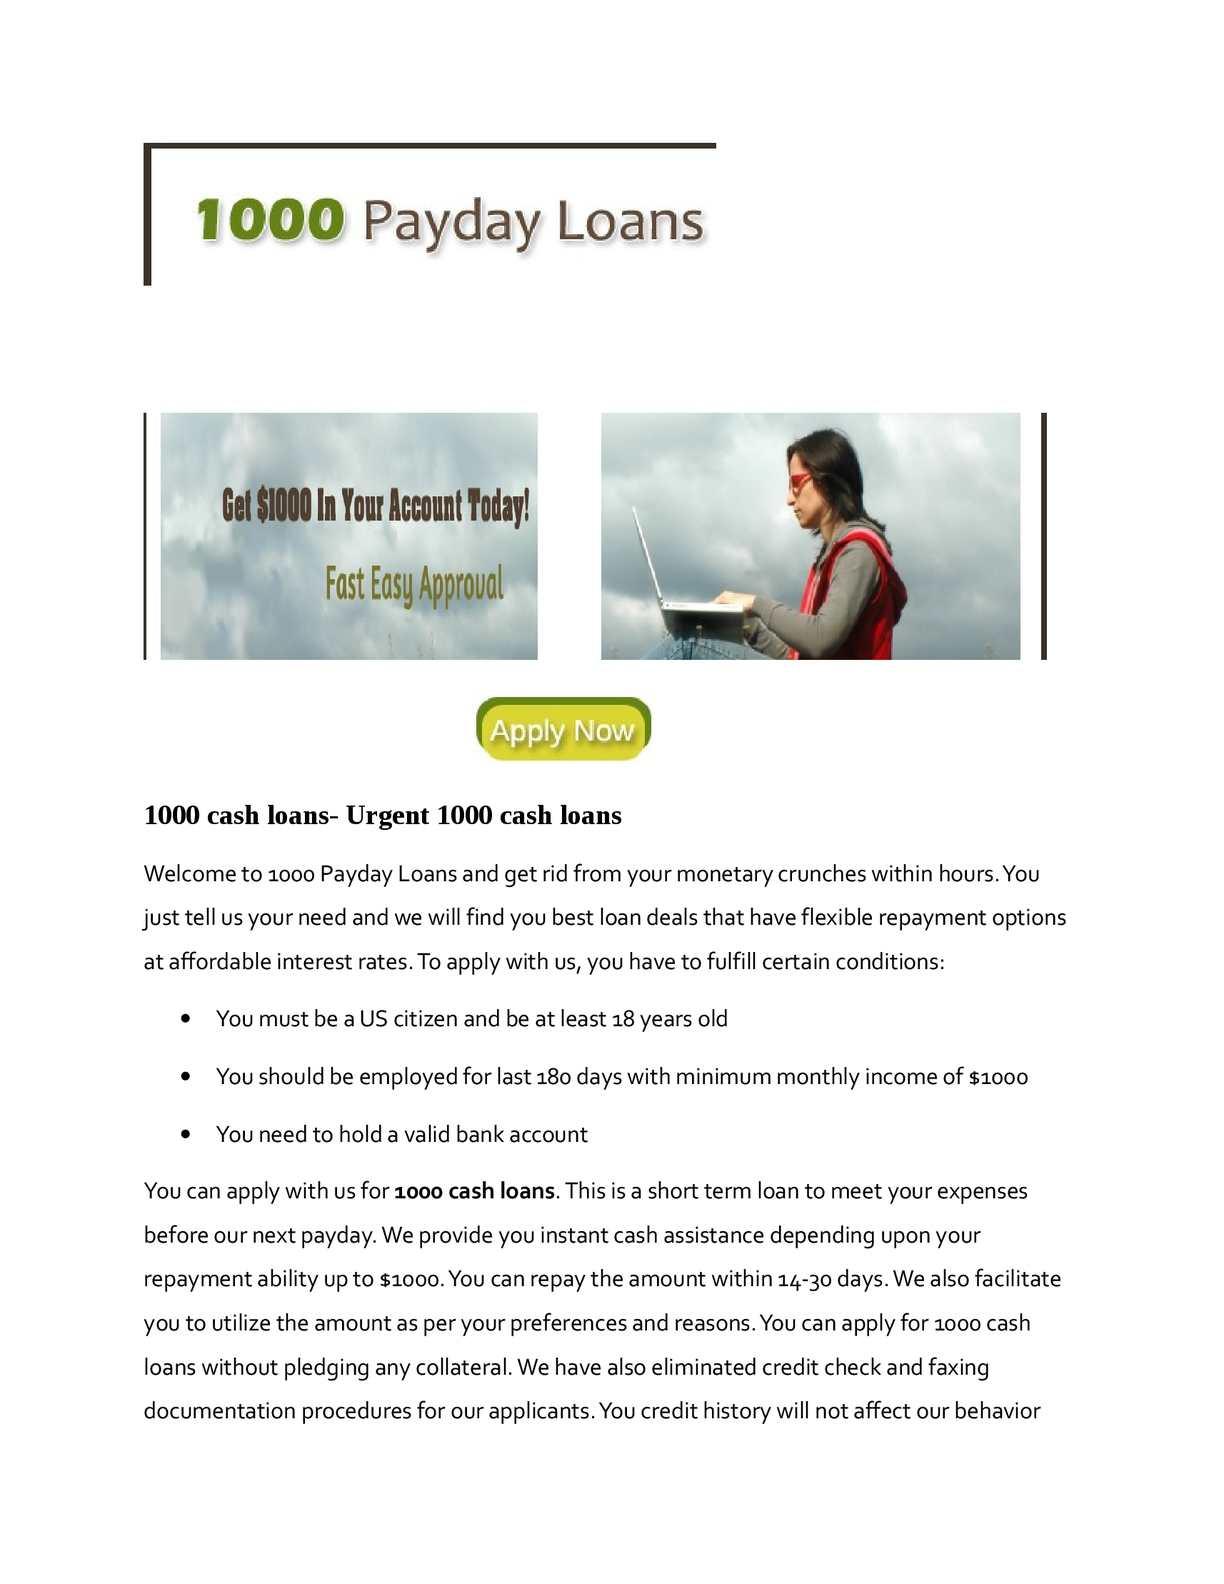 Calaméo - 1000 cash loans- Urgent 1000 cash loans